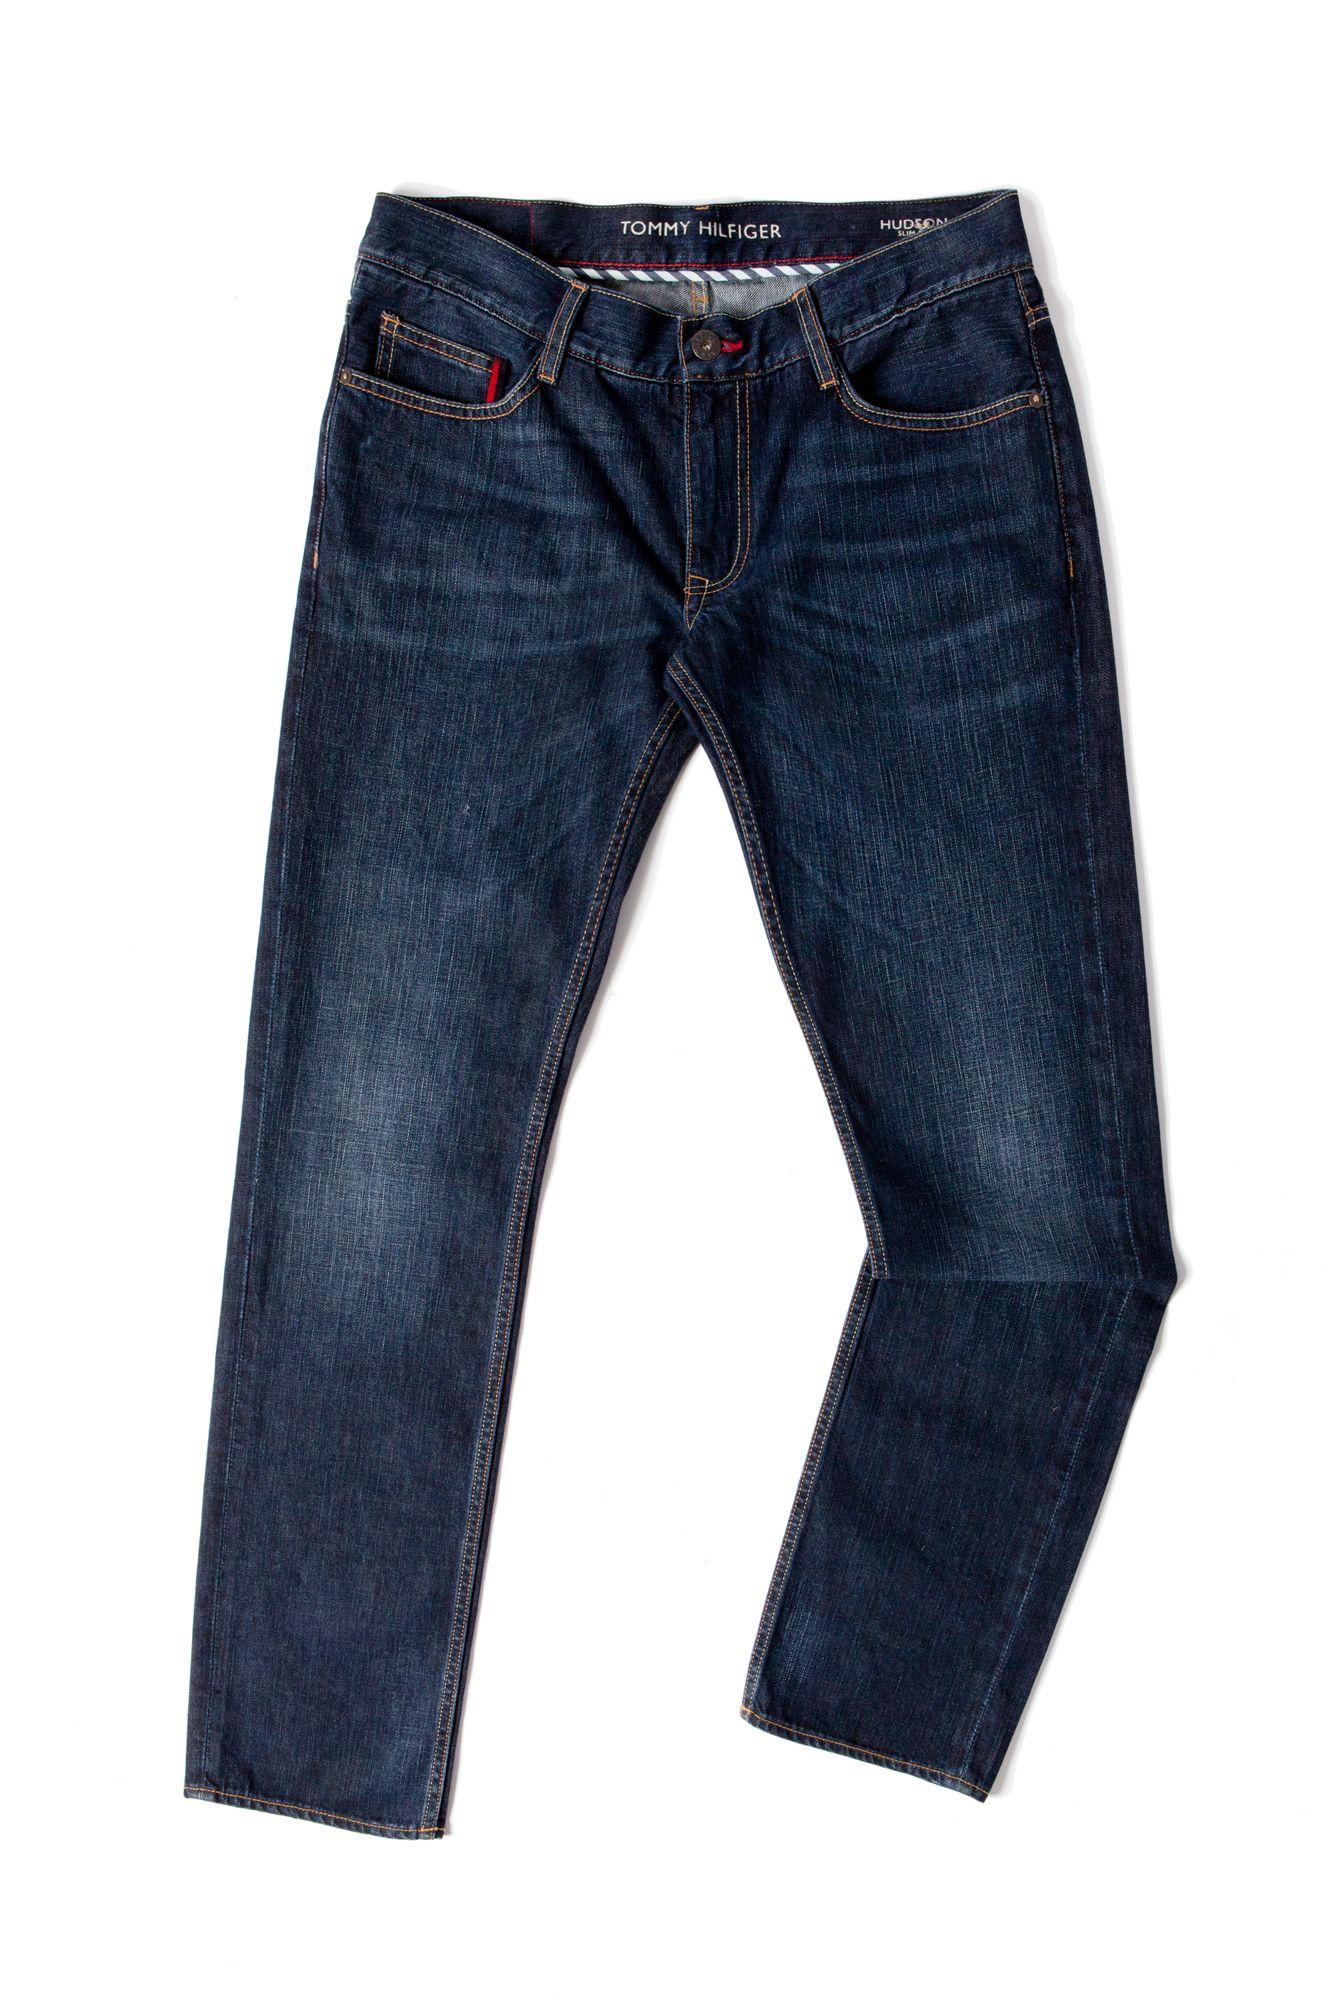 Tommy Hilfiger Hudson Slim Leg Jean in Blue for Men (denim) | Lyst